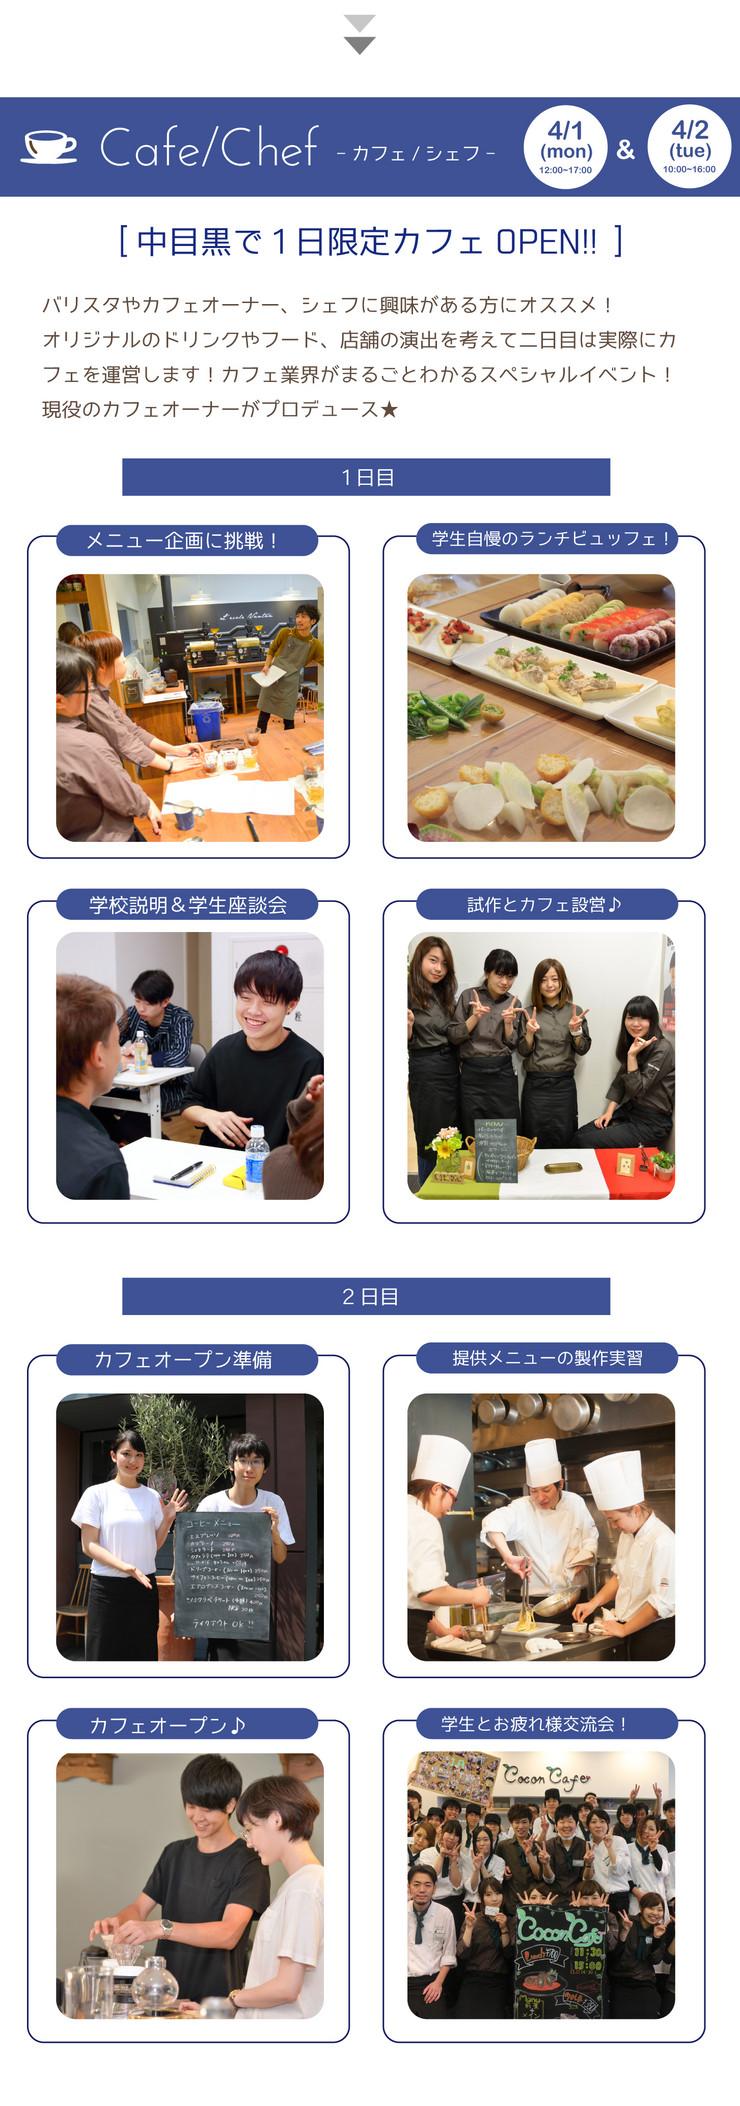 イベントページ_C.jpg